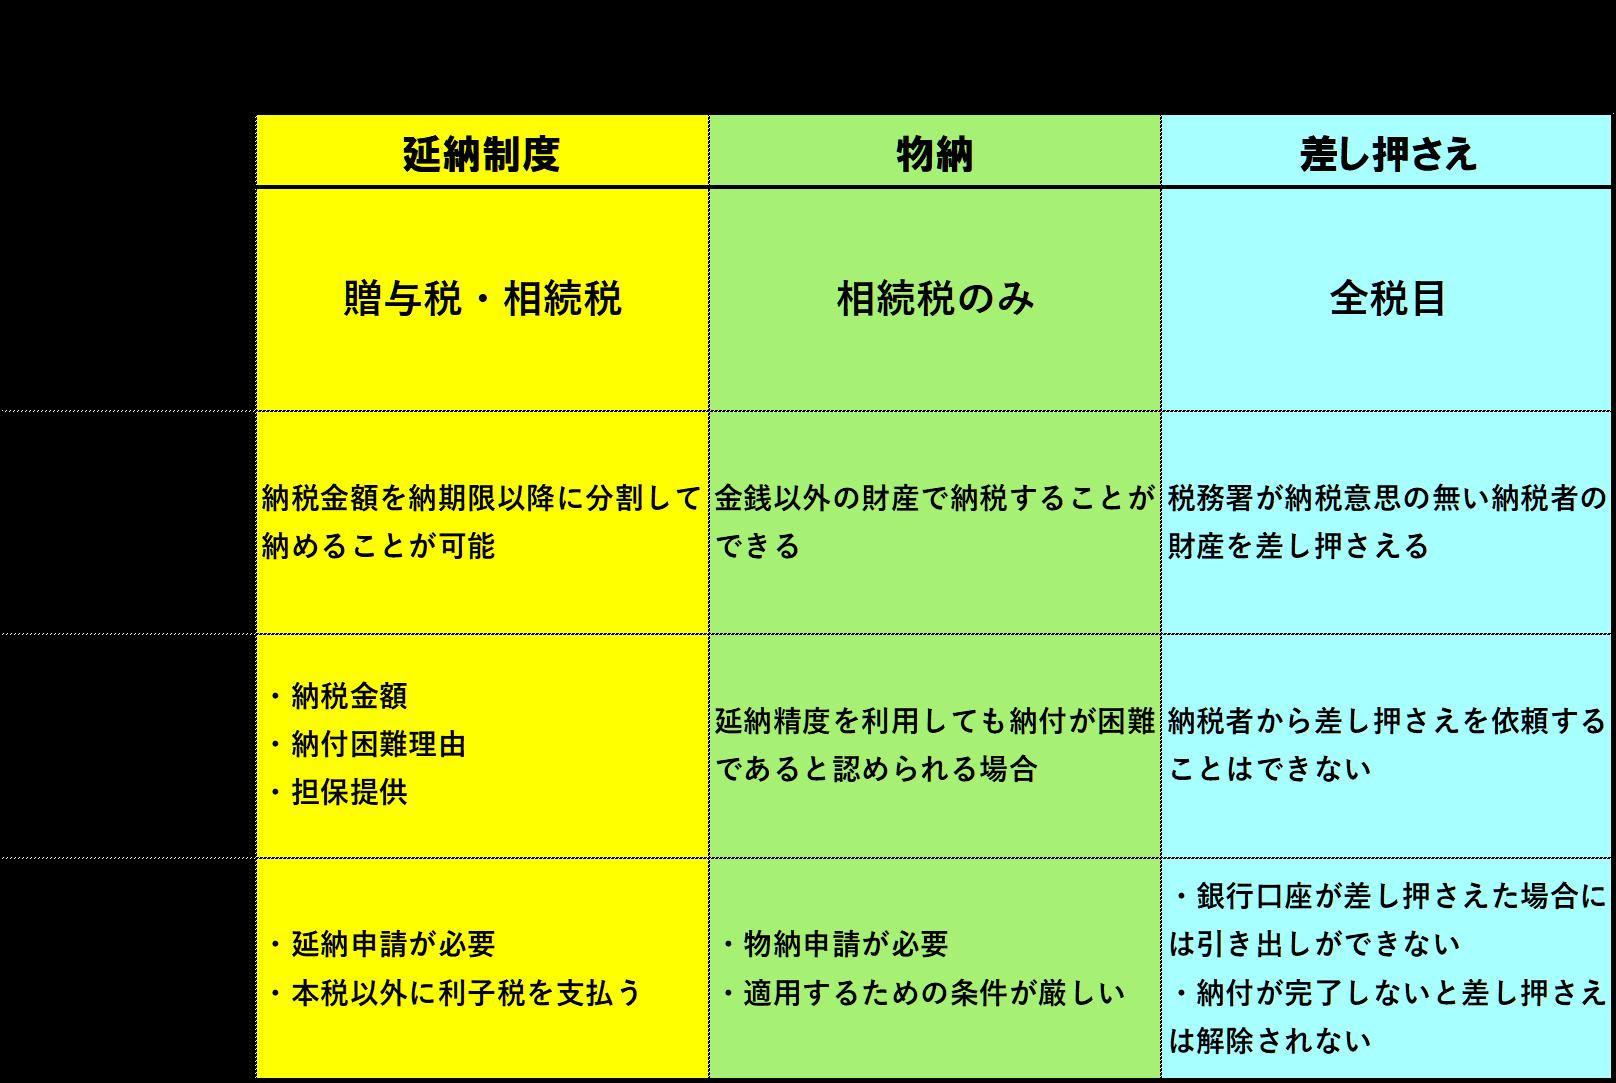 物納・延納・差し押さえの特徴と相違点